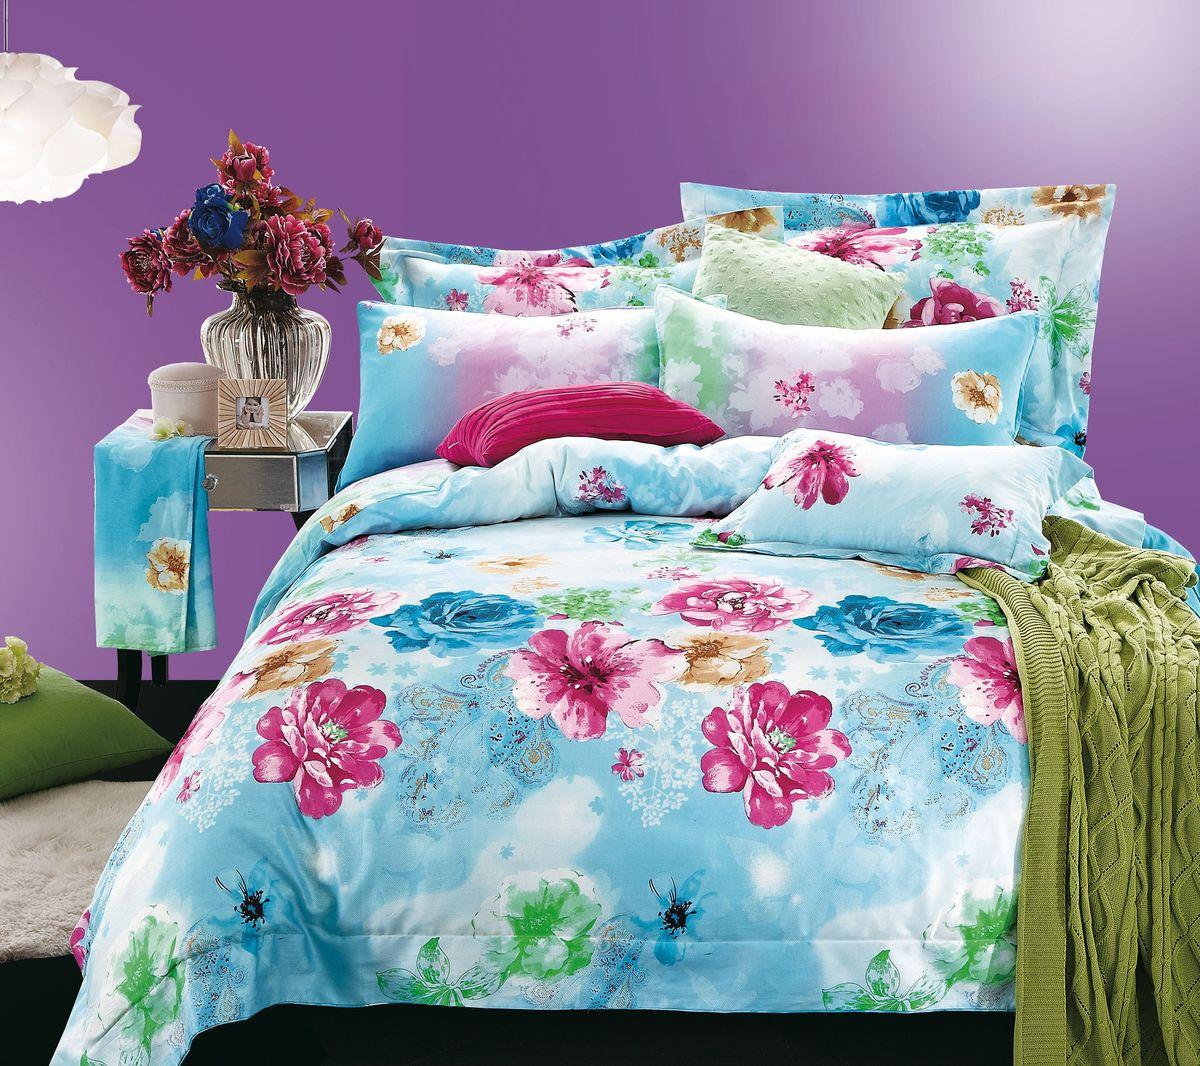 Комплект белья Коллекция Цветы, 2-спальный, наволочки 50x70. СЛ2/50/ОЗ/цвСЛ2/50/ОЗ/цвКомплект постельного белья Коллекция Цветы является экологически безопасным для всей семьи, так как выполнен из высококачественного сатина (100% хлопка). Комплект состоит из пододеяльника, простыни и двух наволочек. Сатин - производится из высших сортов хлопка, а своим блеском и легкостью напоминает шелк. Постельное белье из сатина превращает жаркие летние ночи в прохладные и освежающие, а холодные зимние - в теплые и согревающие.Советы по выбору постельного белья от блогера Ирины Соковых. Статья OZON Гид